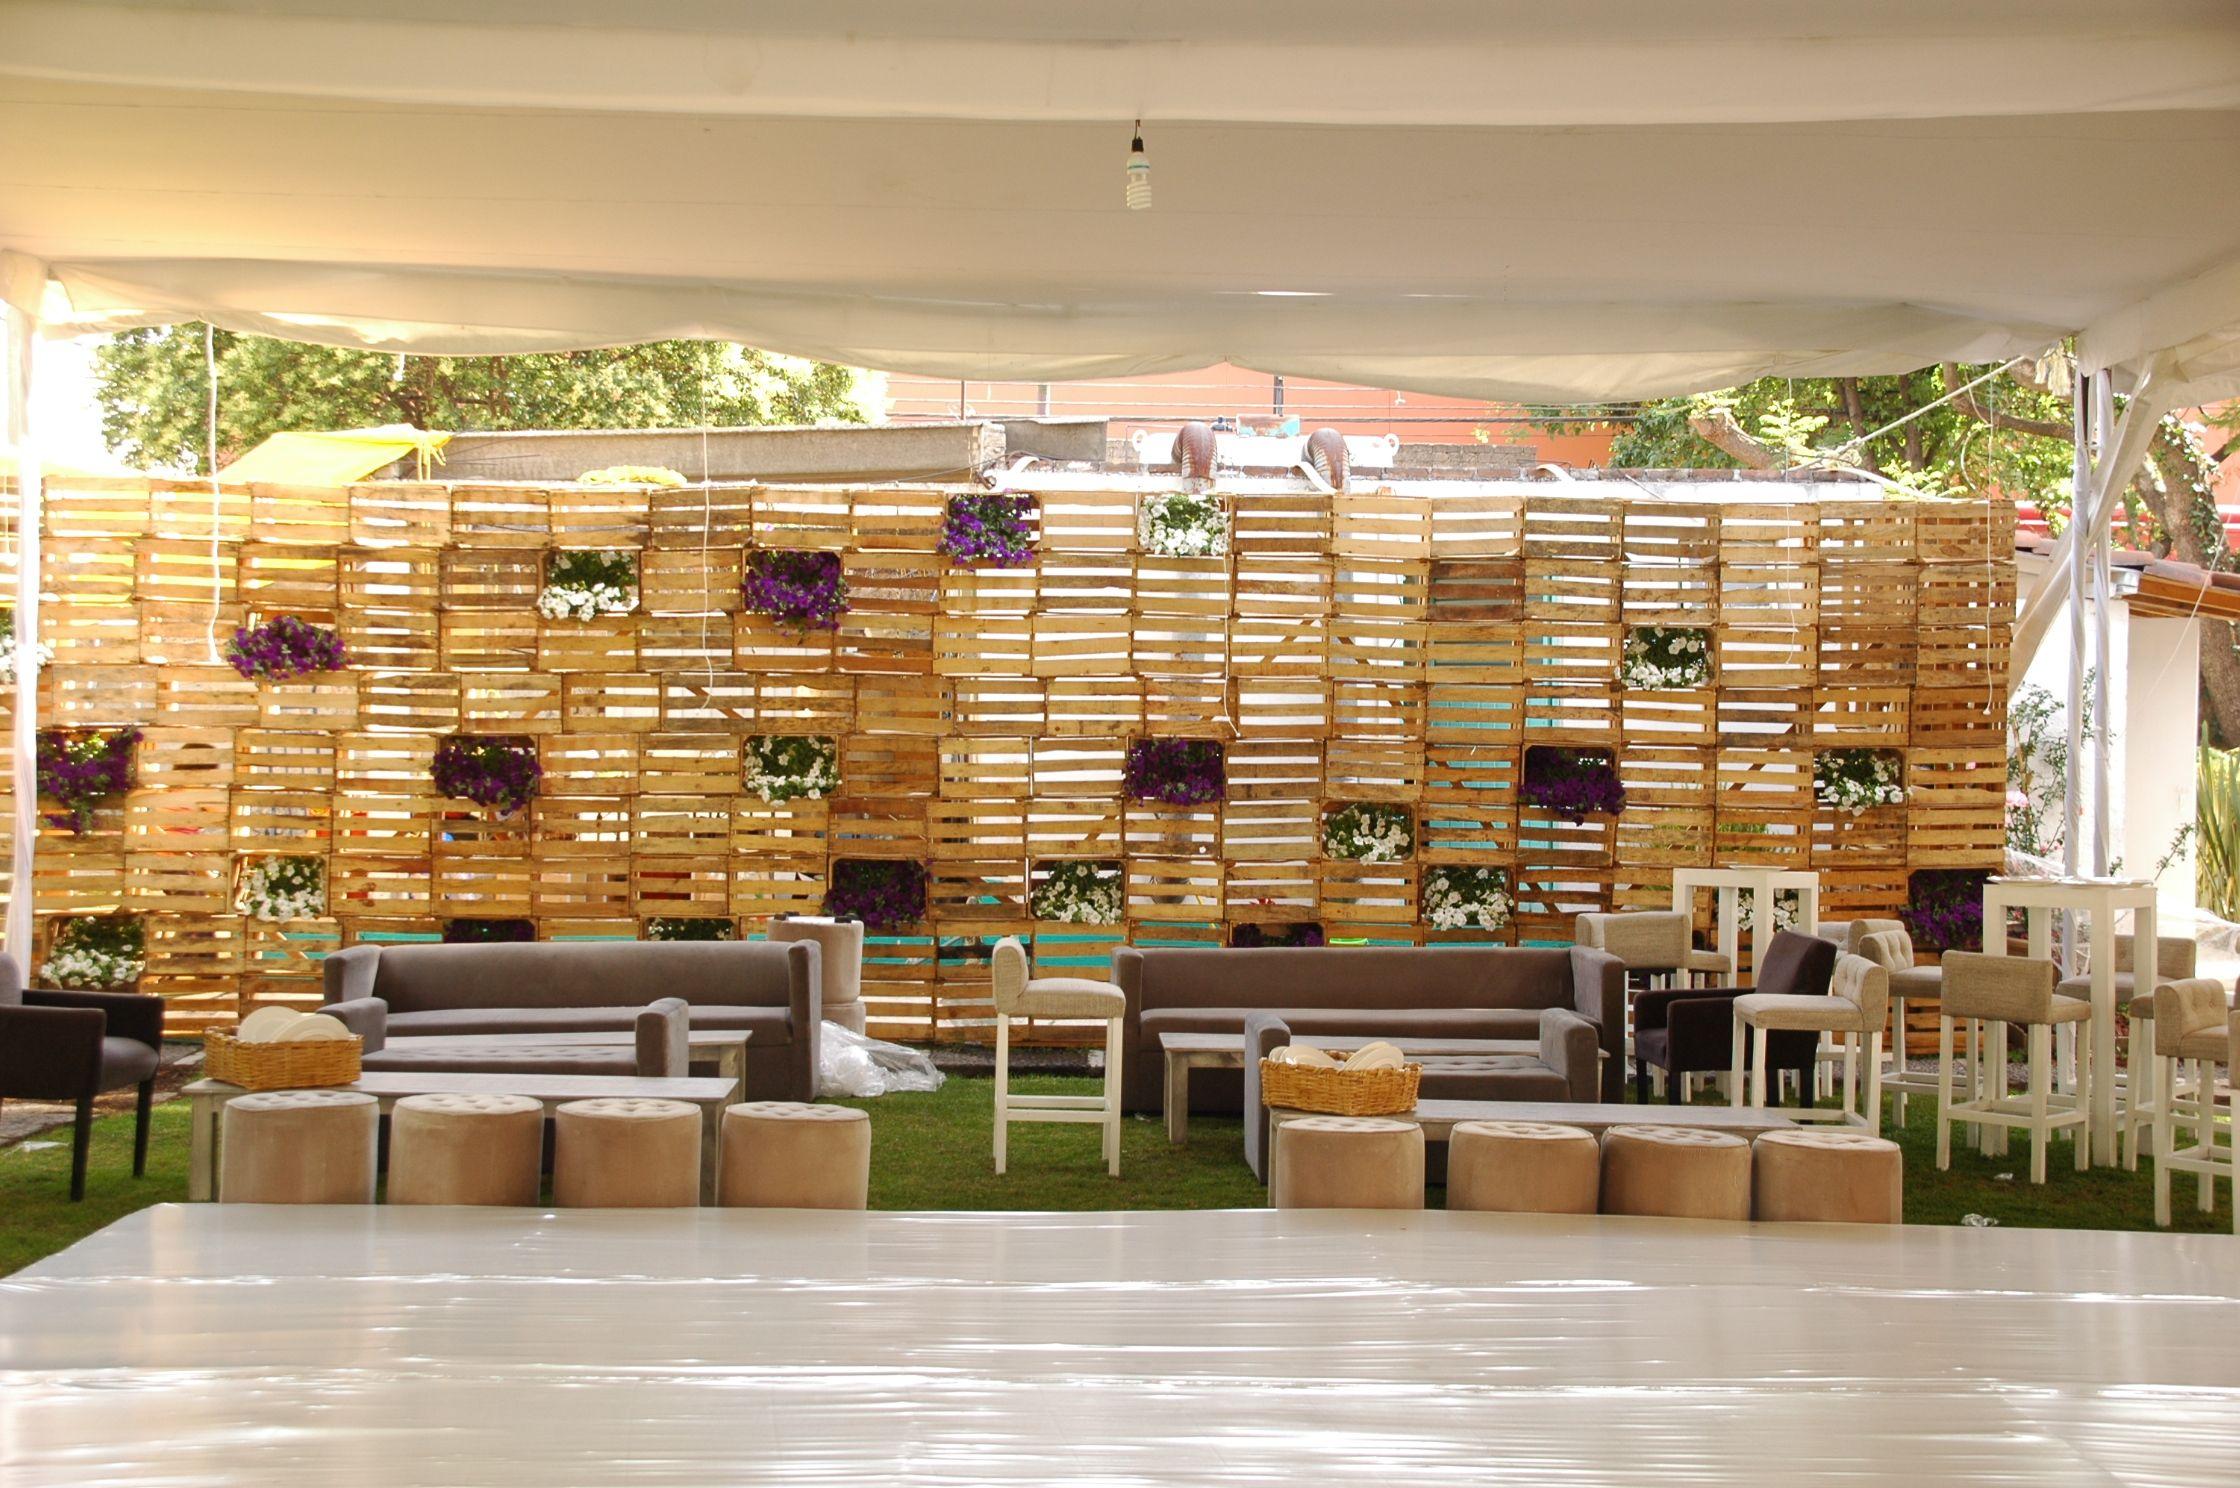 Celos a de huacales de madera jard n vertical for Celosia madera jardin